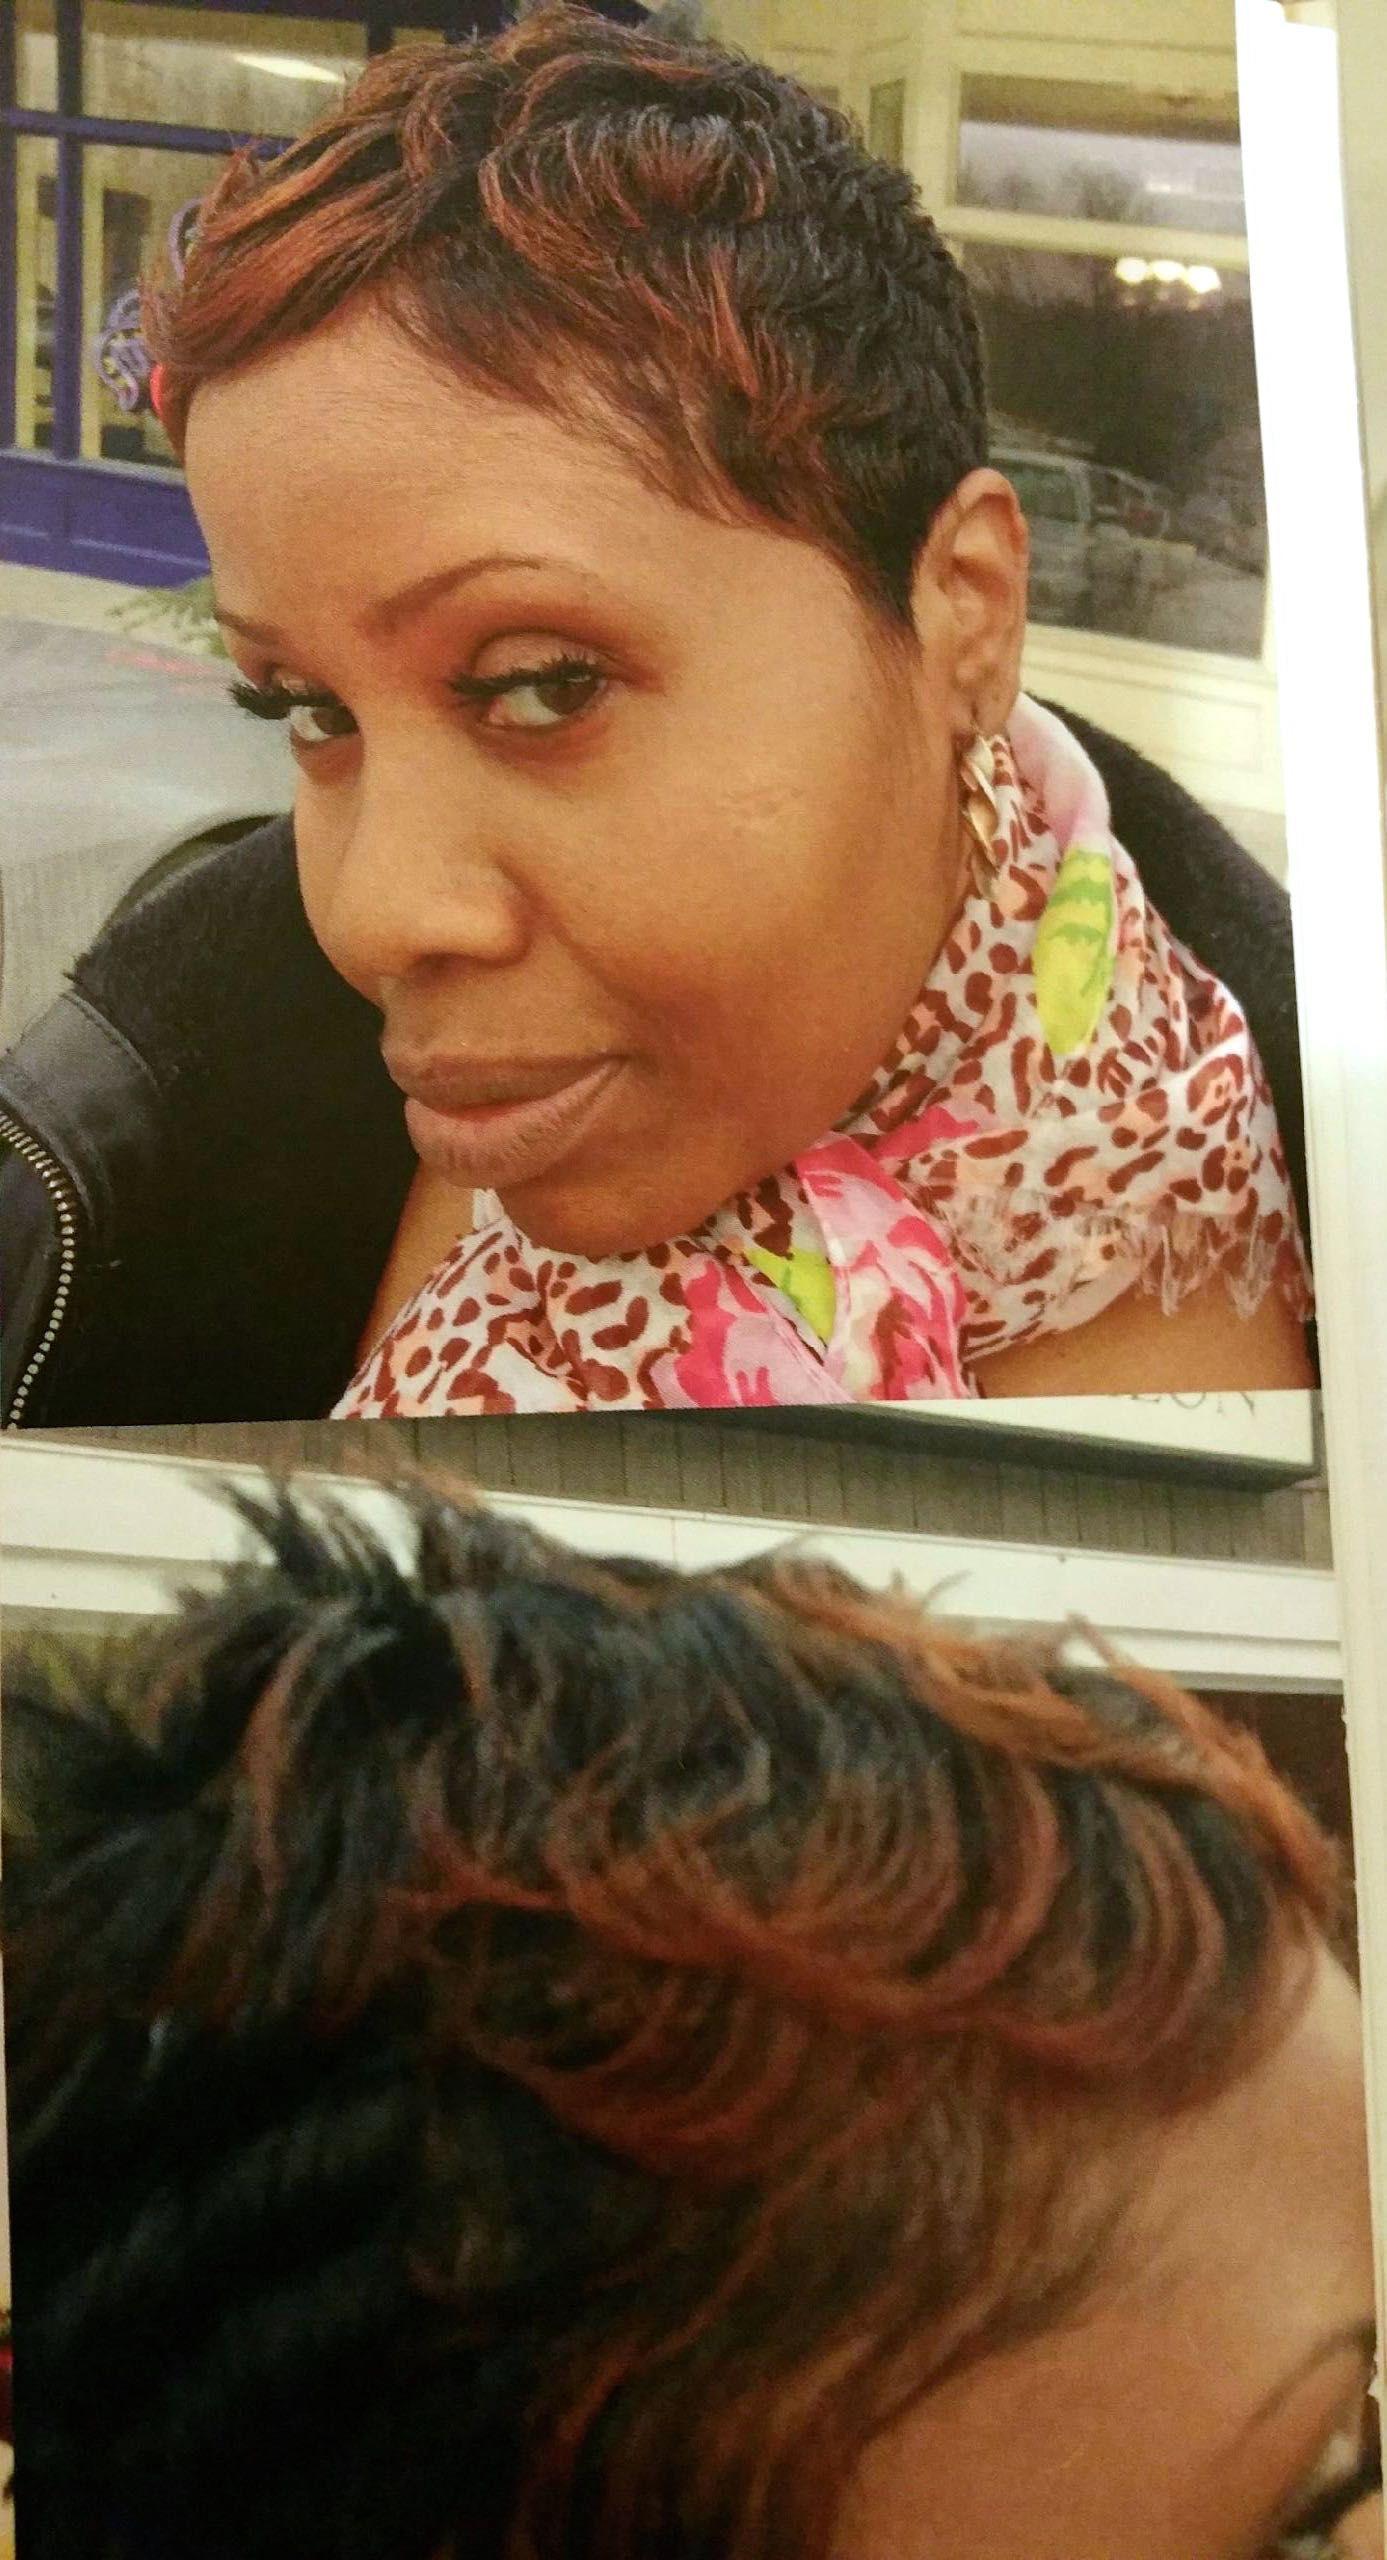 Short pixie haircut wavy caramel color colorpops spikes